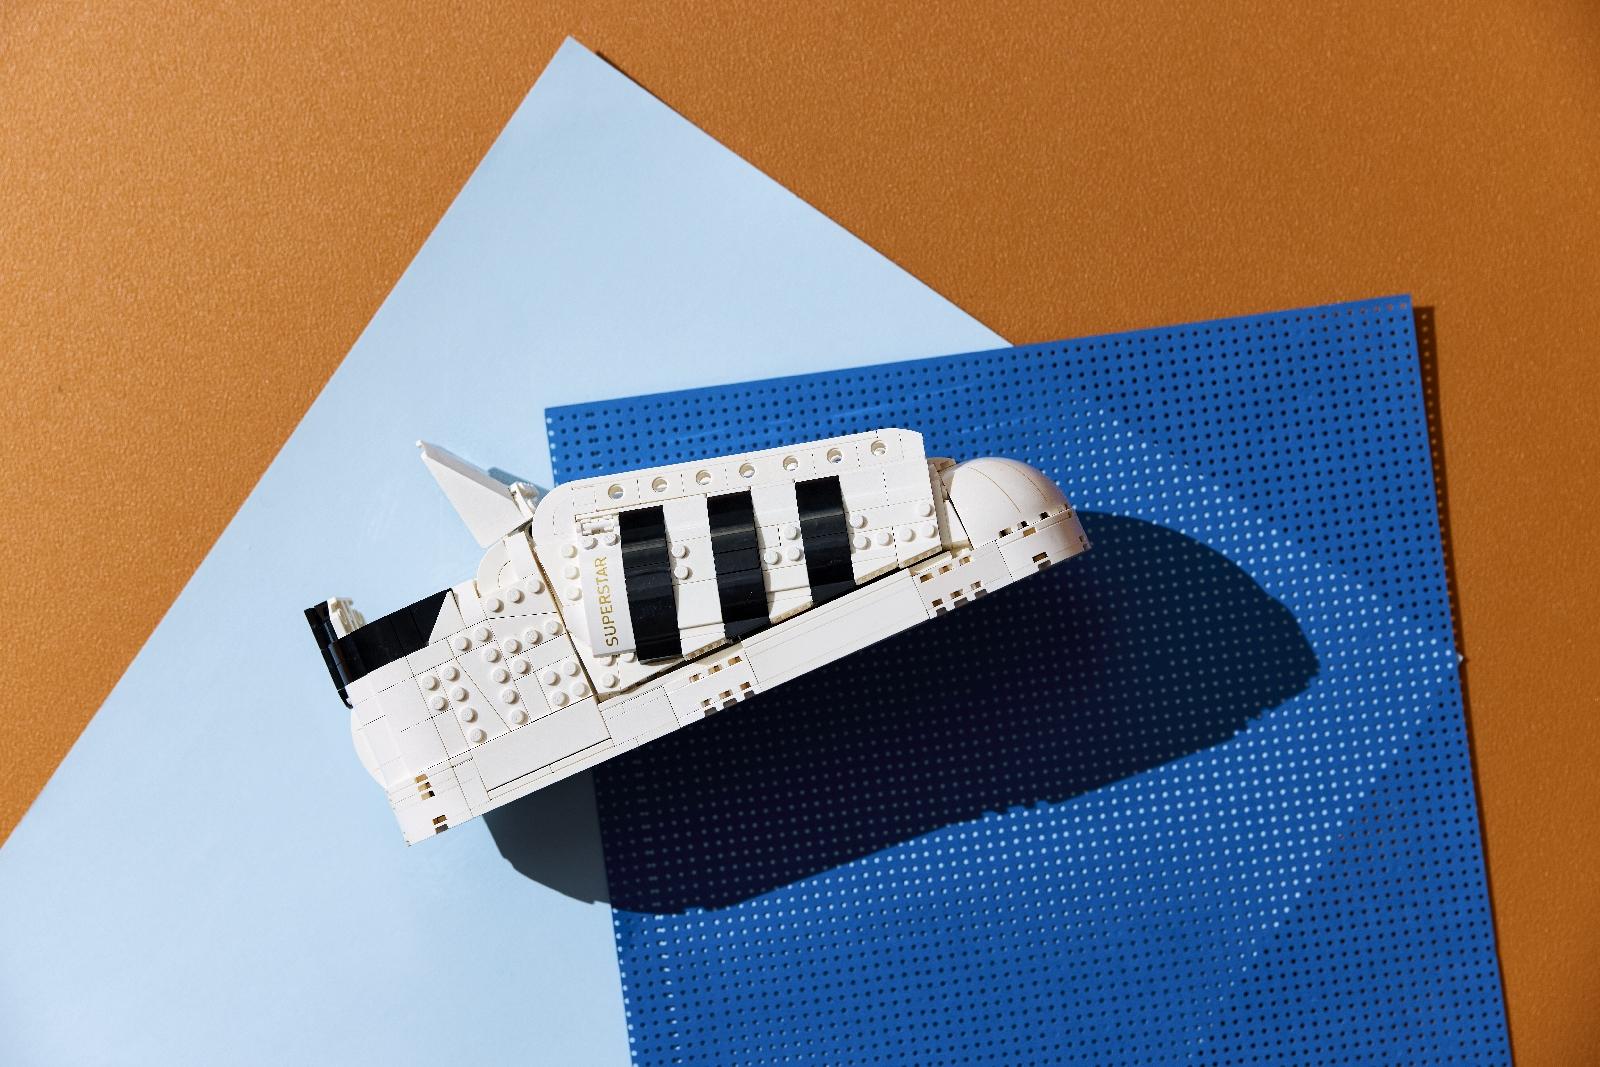 Adidas Originals จับมือ LEGO Group เปิดตัวรองเท้าผ้าใบระดับตำนานรุ่น Superstar พร้อมเลโก้คอลเล็กชันพิเศษ